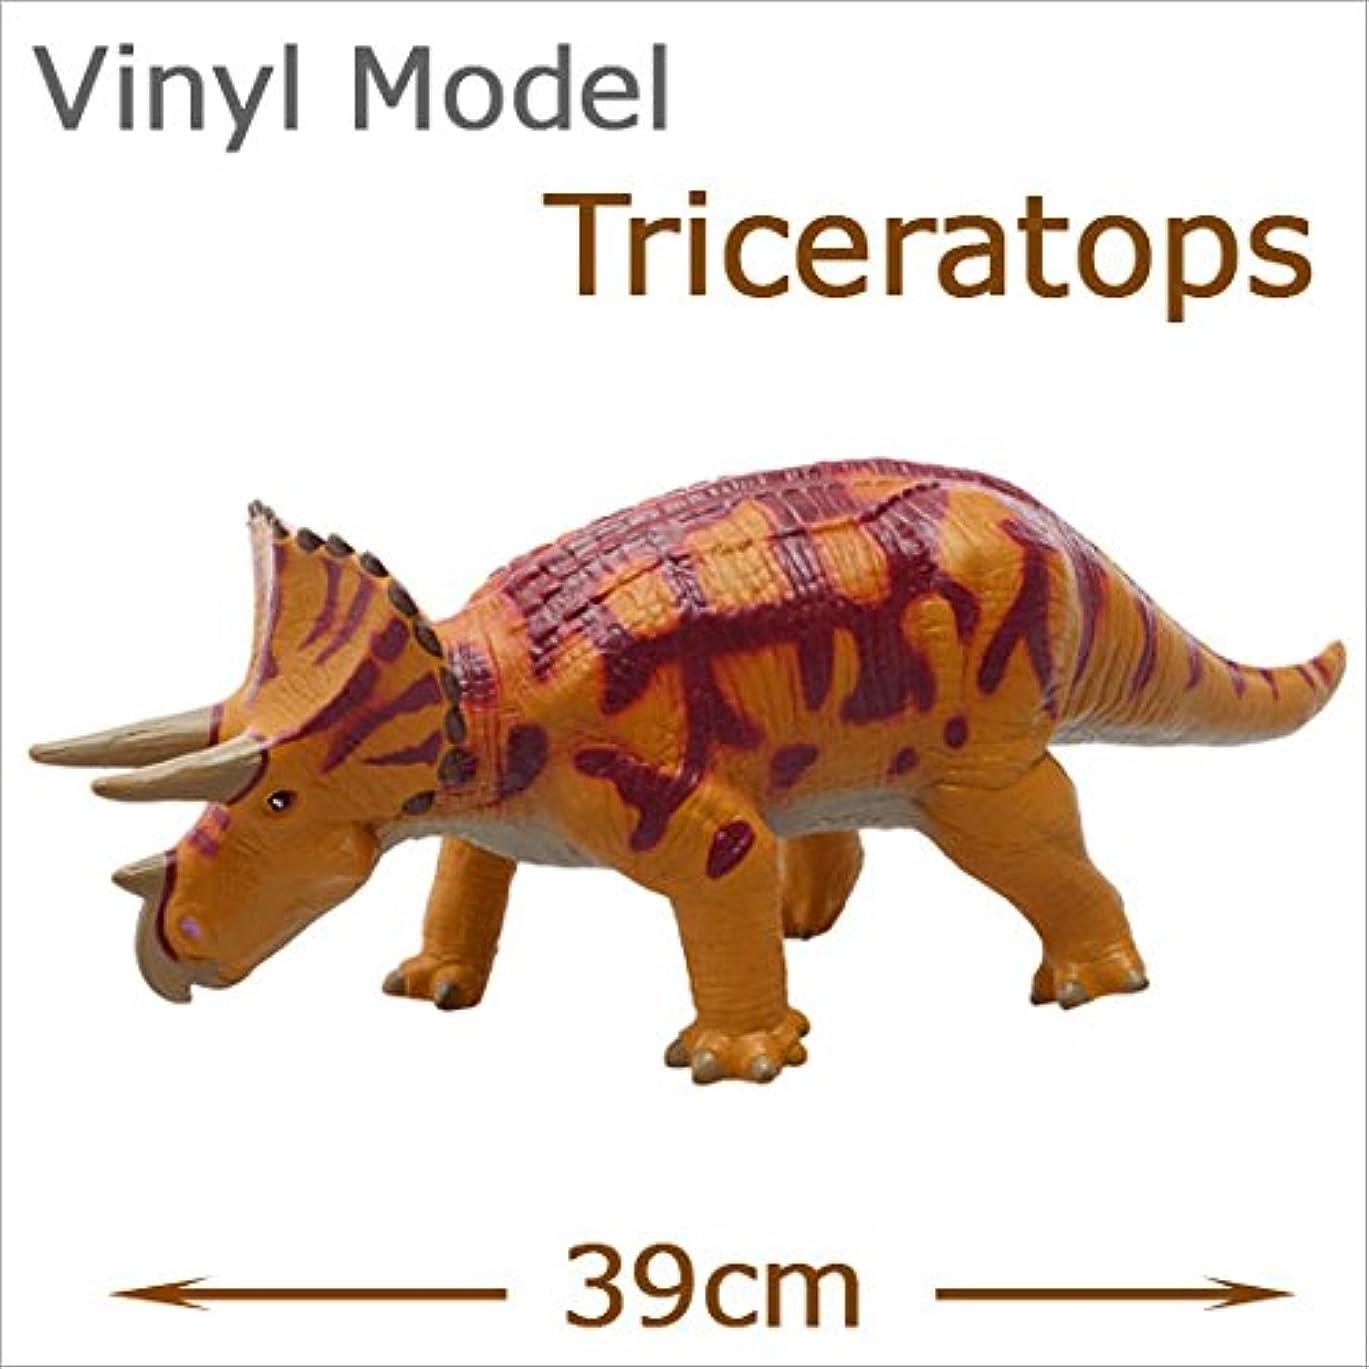 ストラップクロニクル読者FAVORITE フェバリット 恐竜フィギュア ビニールモデル トリケラトプス ブラウン